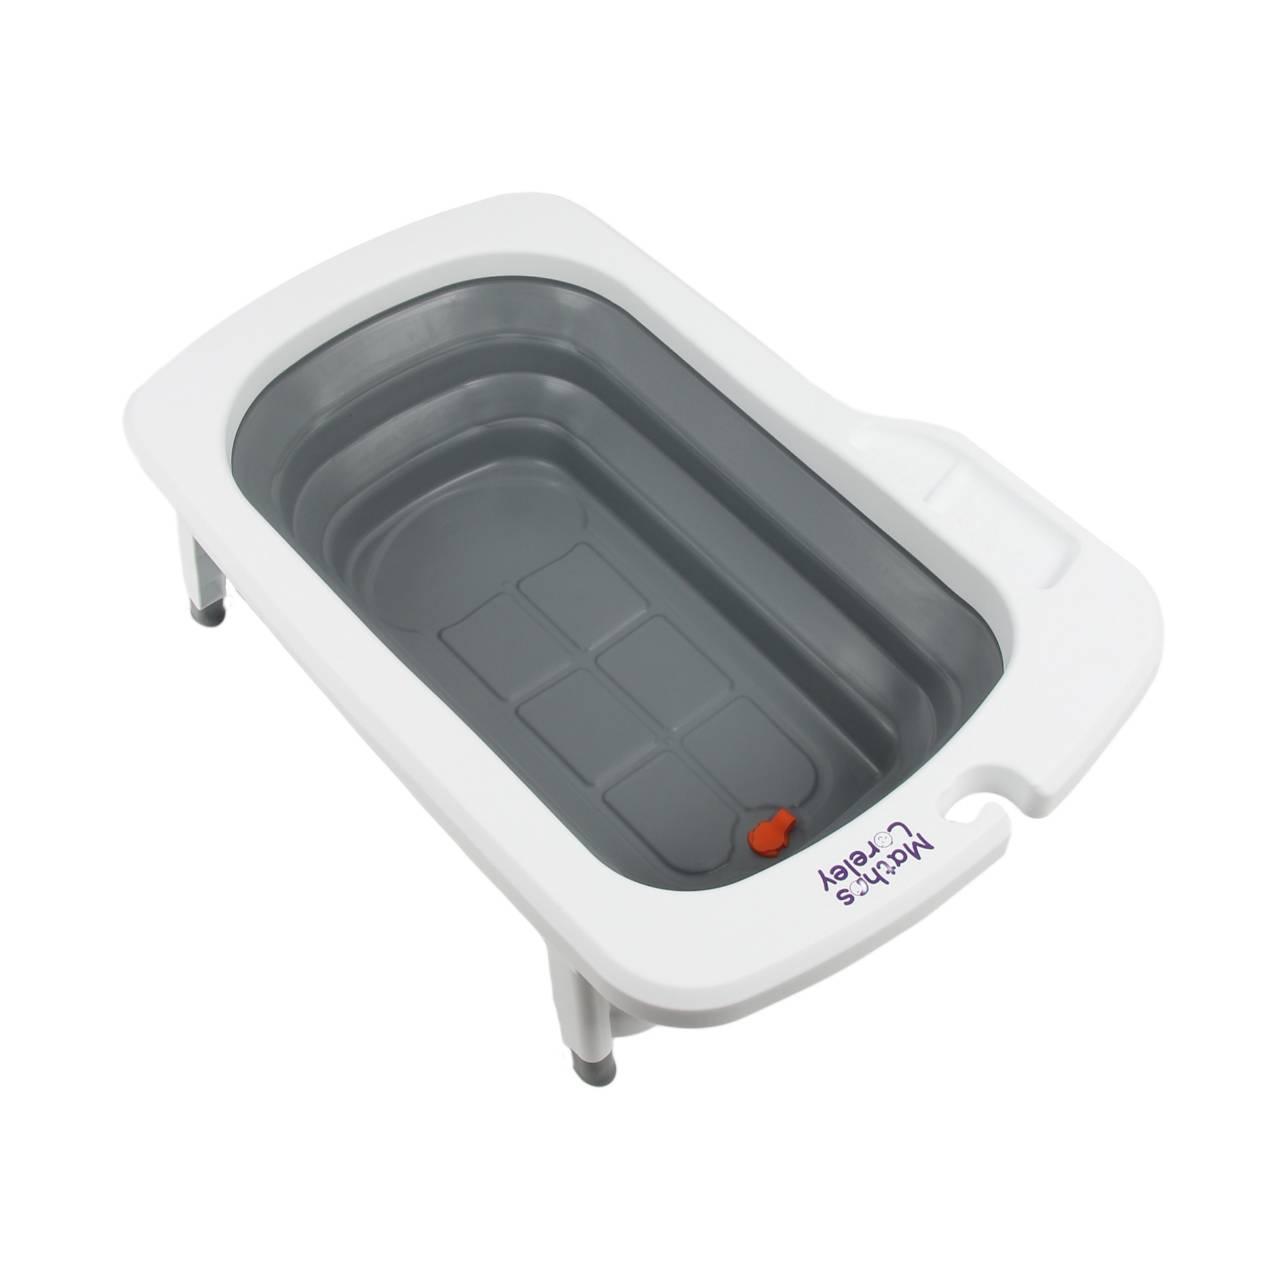 【淘氣寶寶】韓國 Mathos Loreley 萱之愛 強化折疊式浴盆 灰色【折疊不佔空間,可感應溫度,寶貝旅行洗澡神器/耐重90kg】